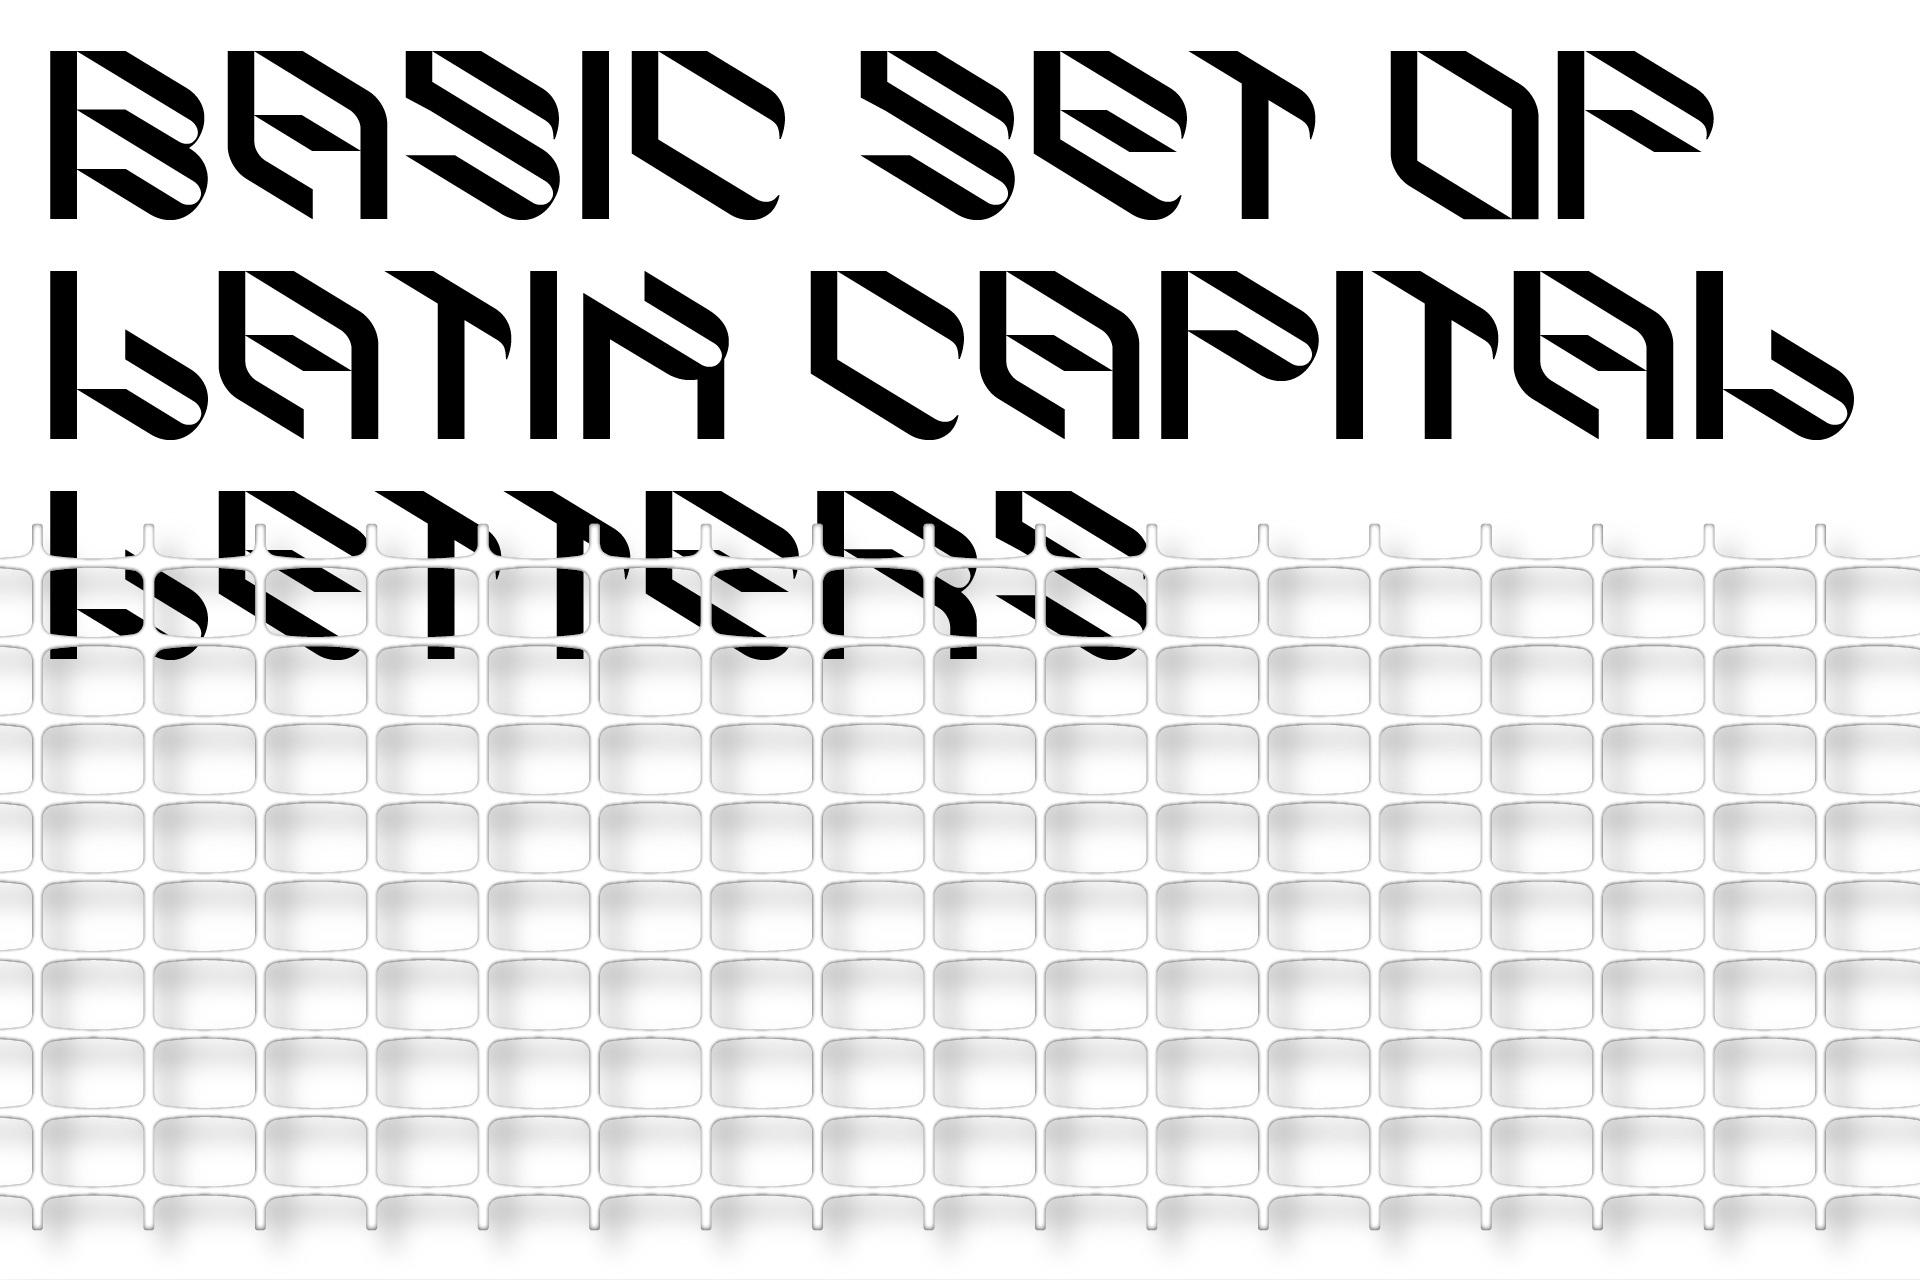 倾斜对角线英文字体下载 Eskos Typeface插图(2)